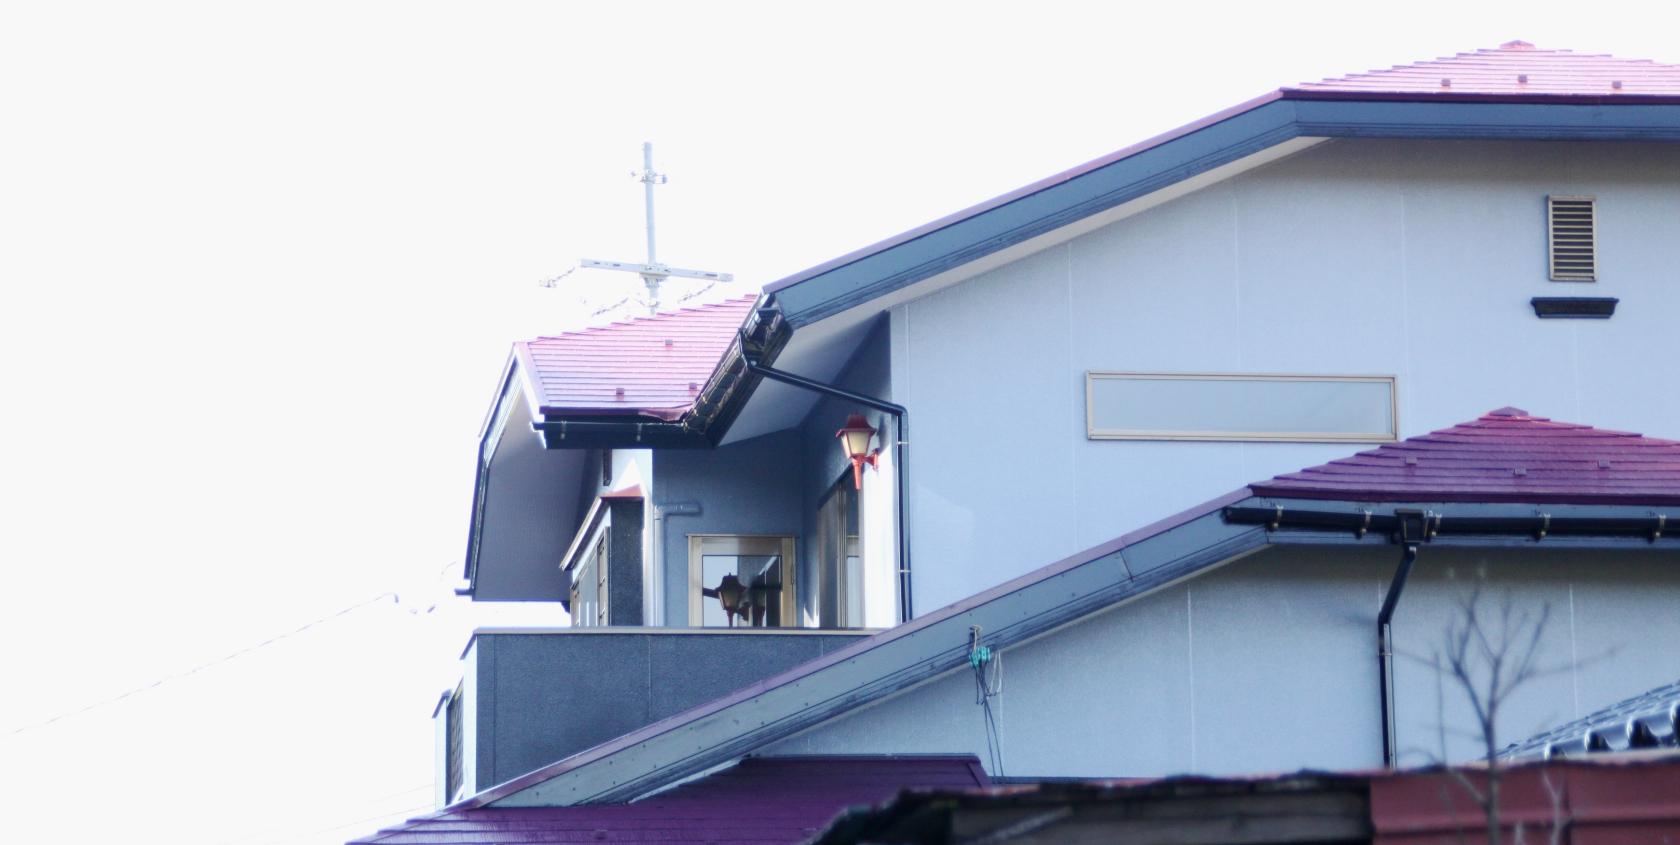 鳥取市のシェアハウス、あんねこんねの外観(2階部分)